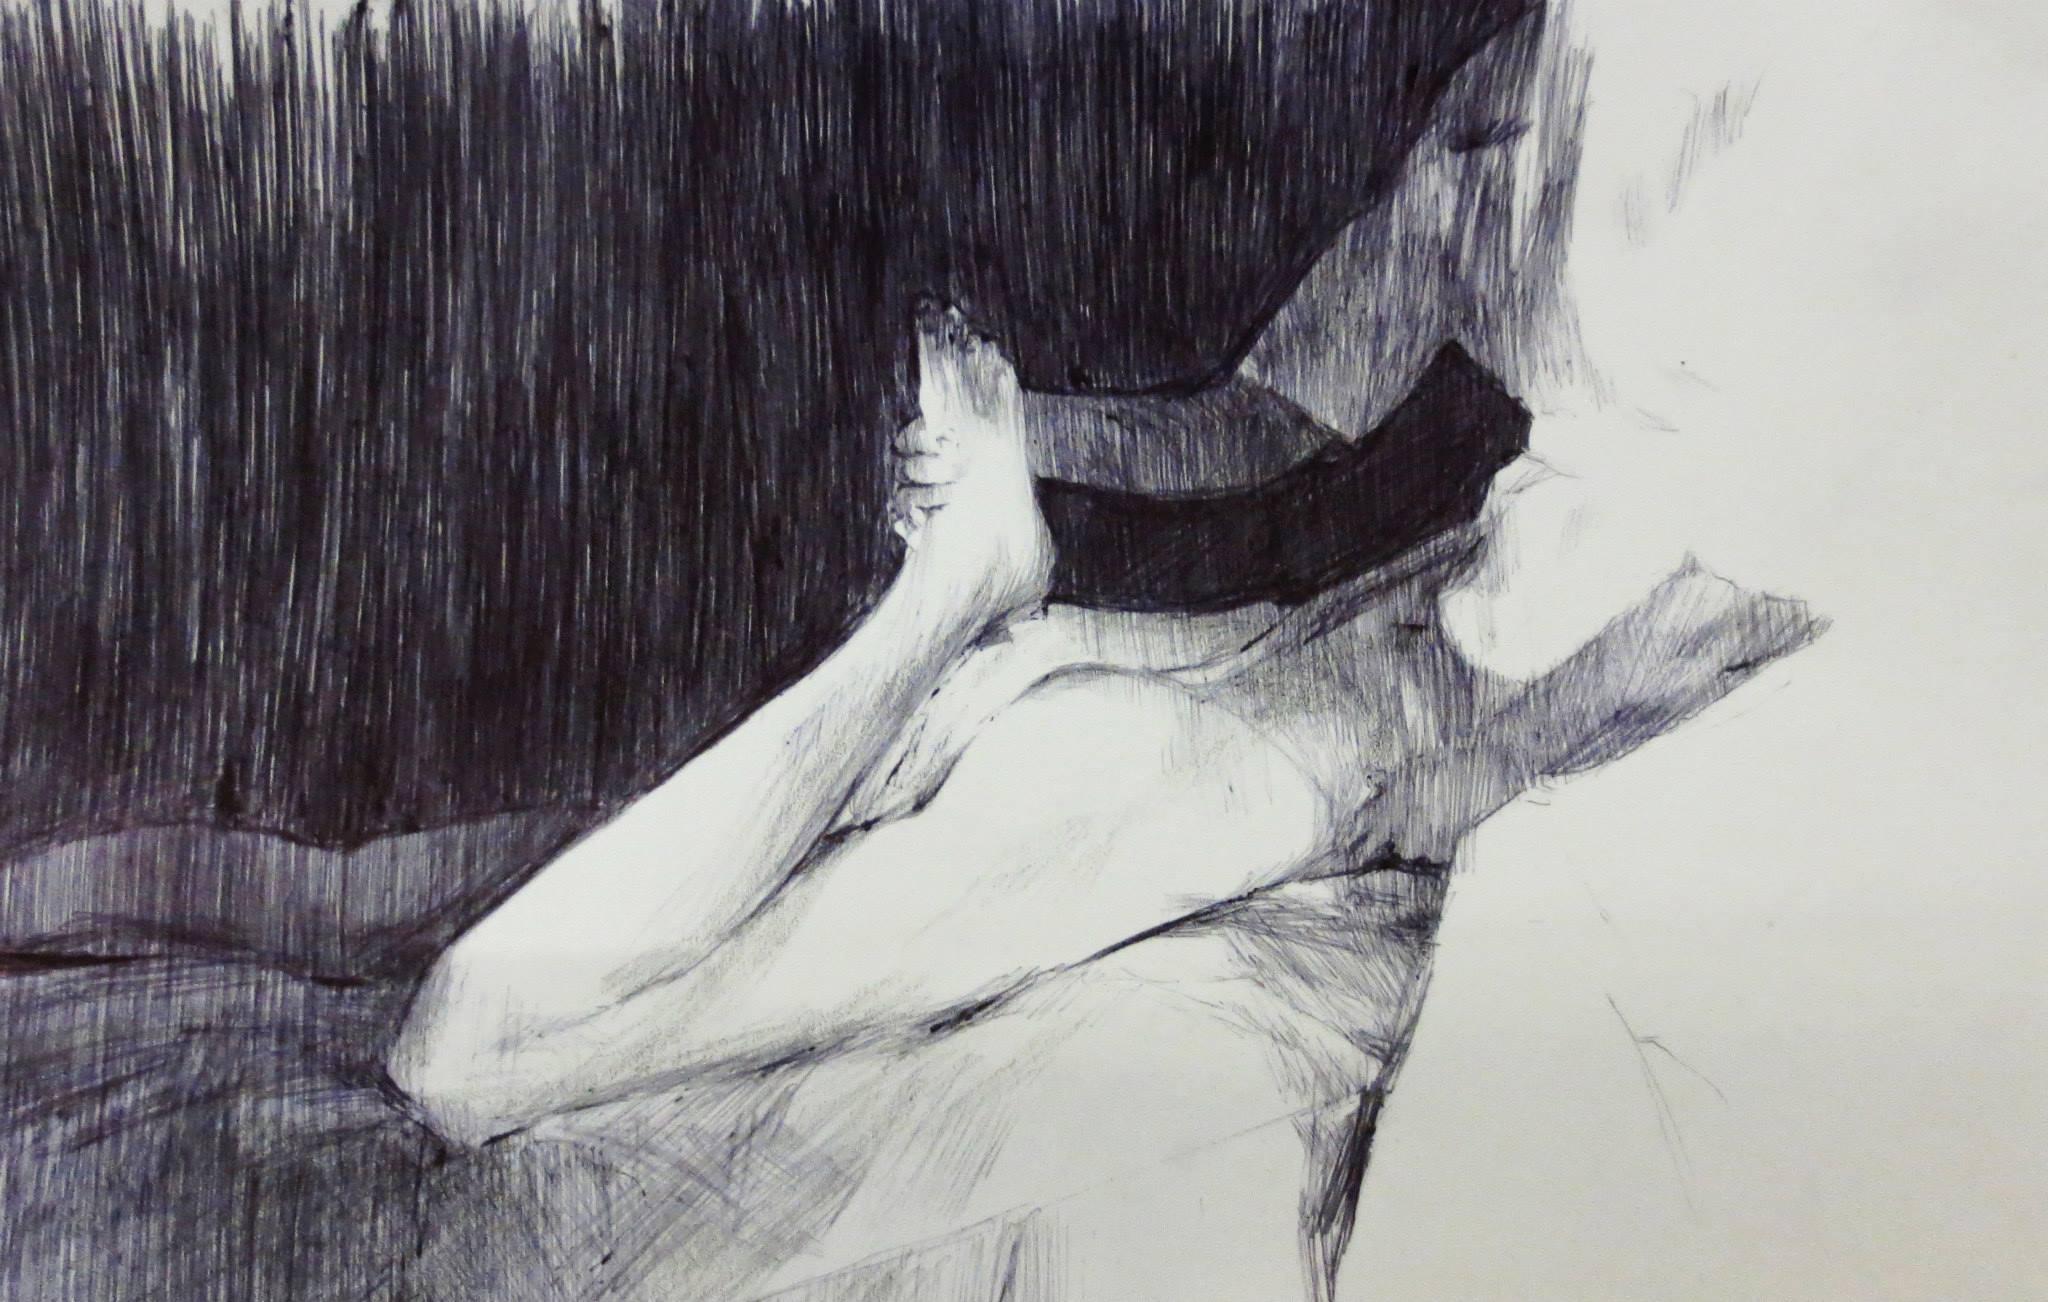 sketchpg3.jpg